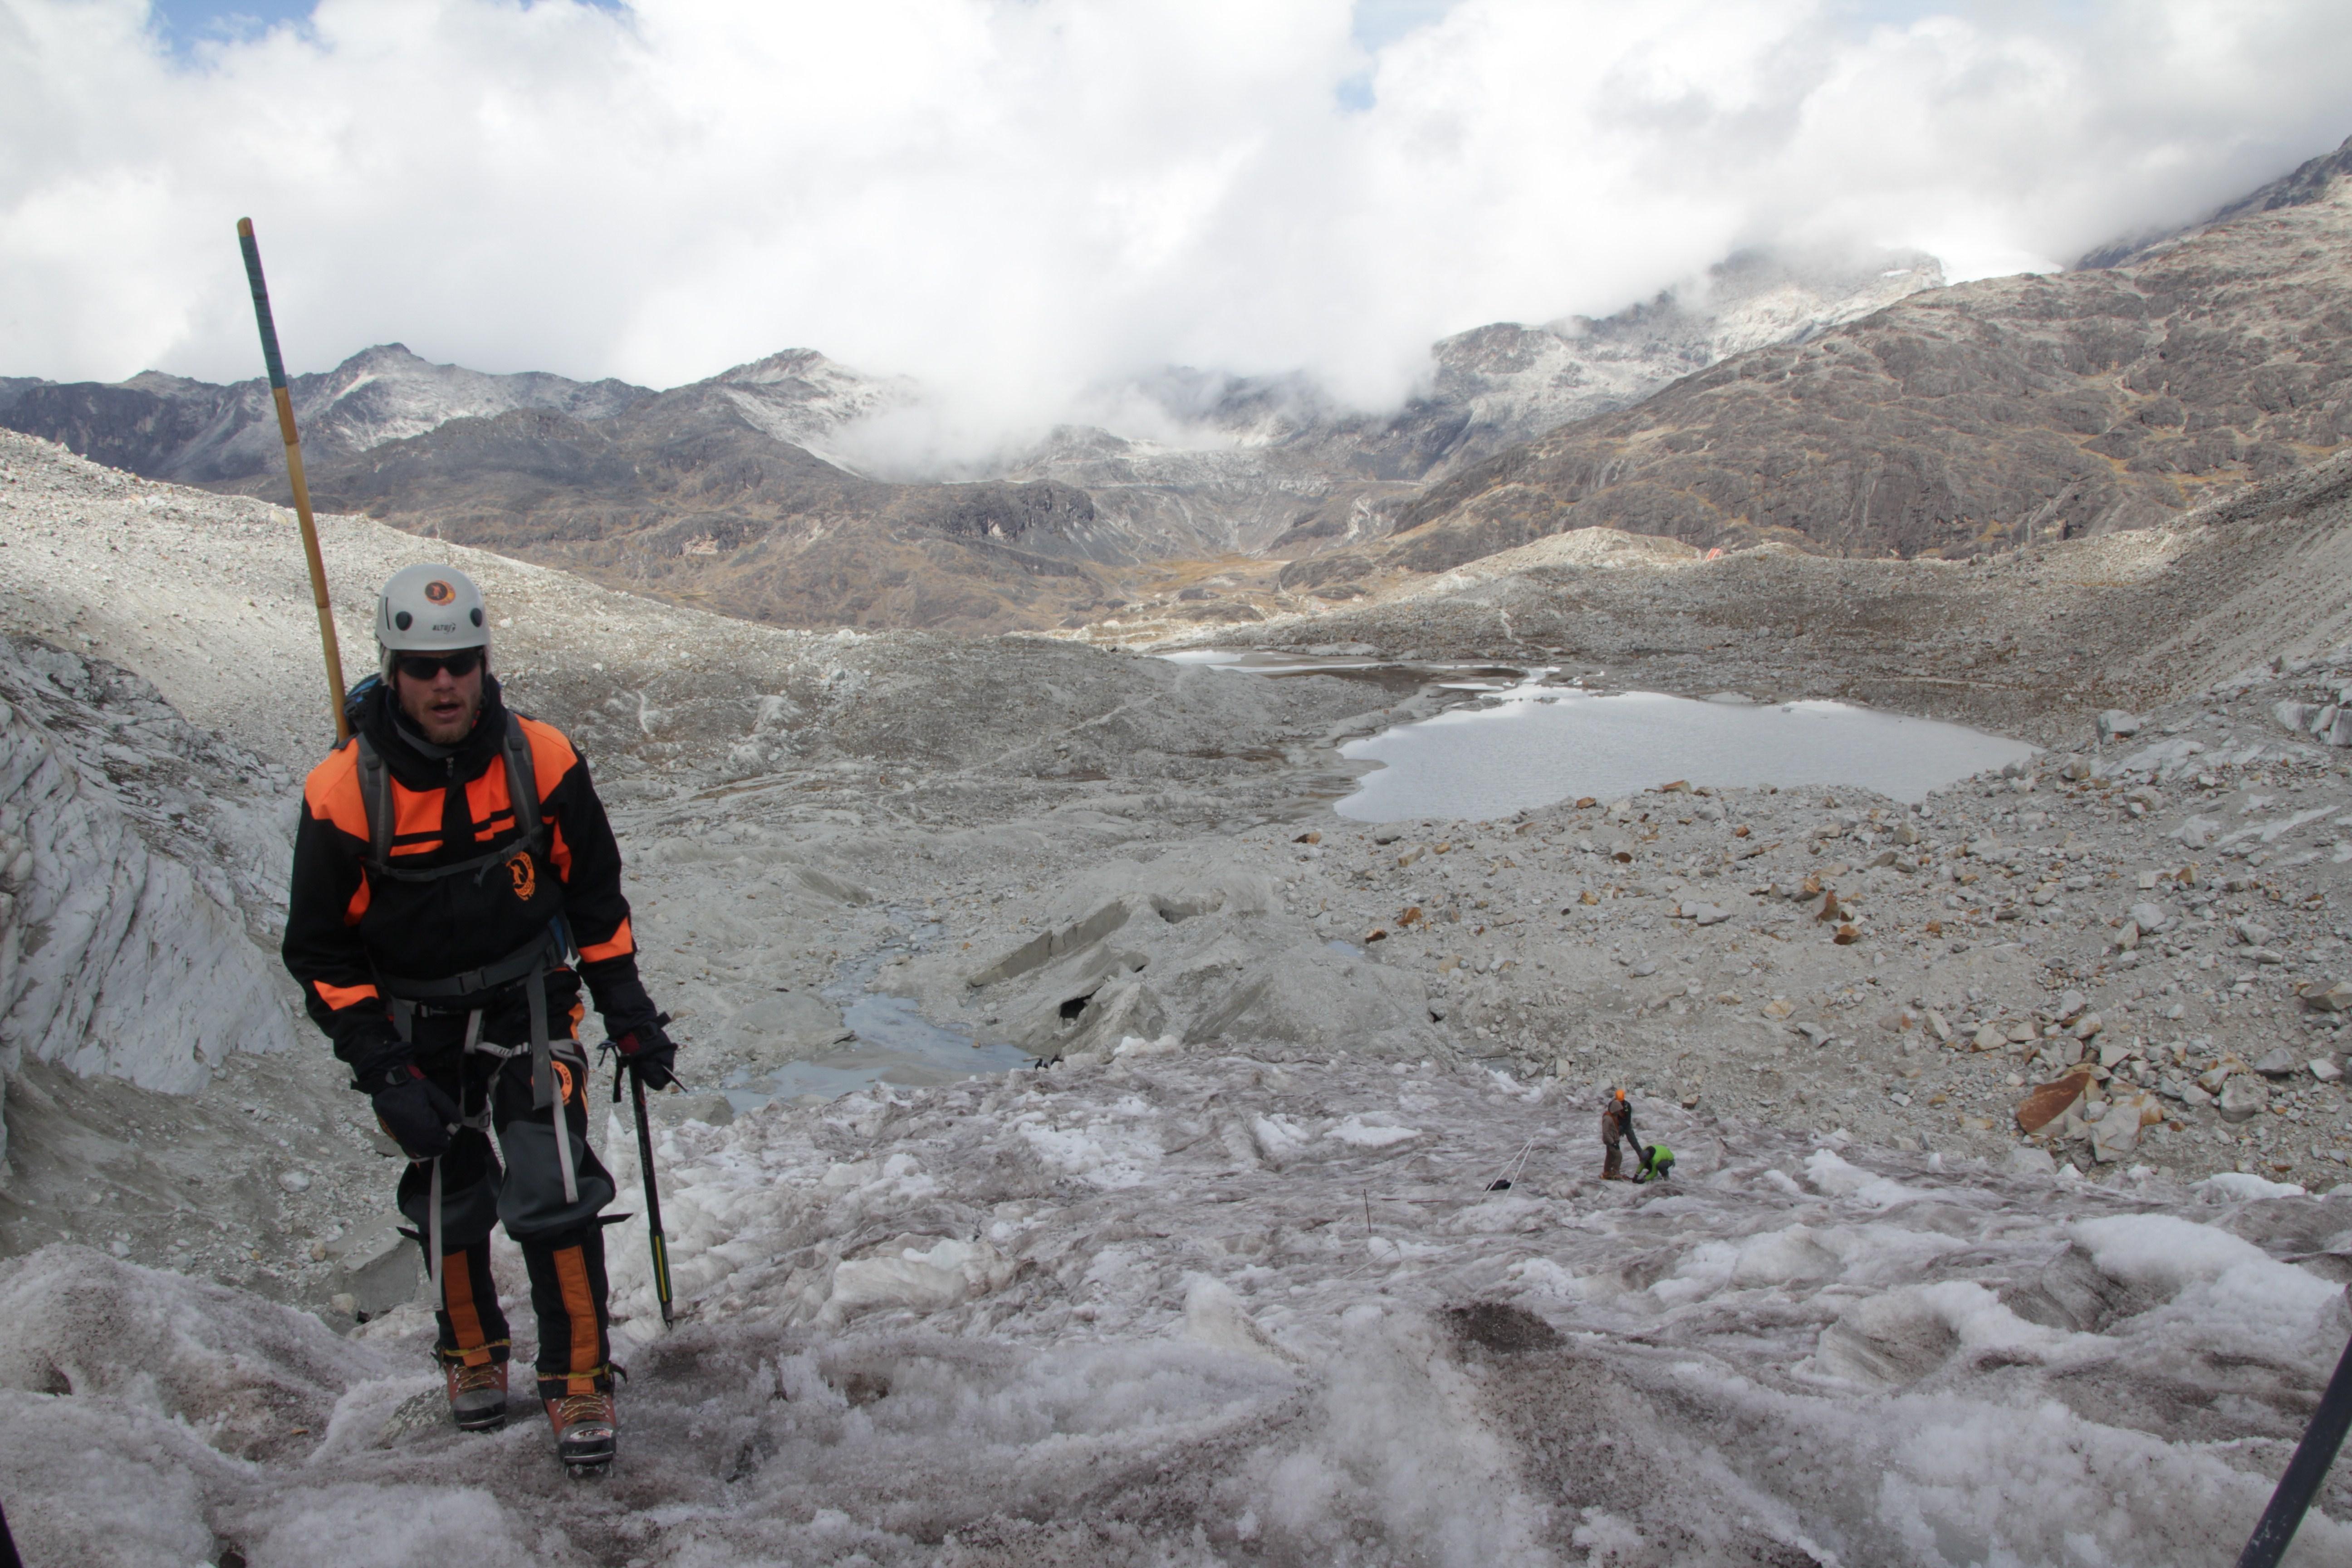 Thomas, l'un des sept grimpeurs, en pleine initiation sur le glacier (© Jérôme Decoster)